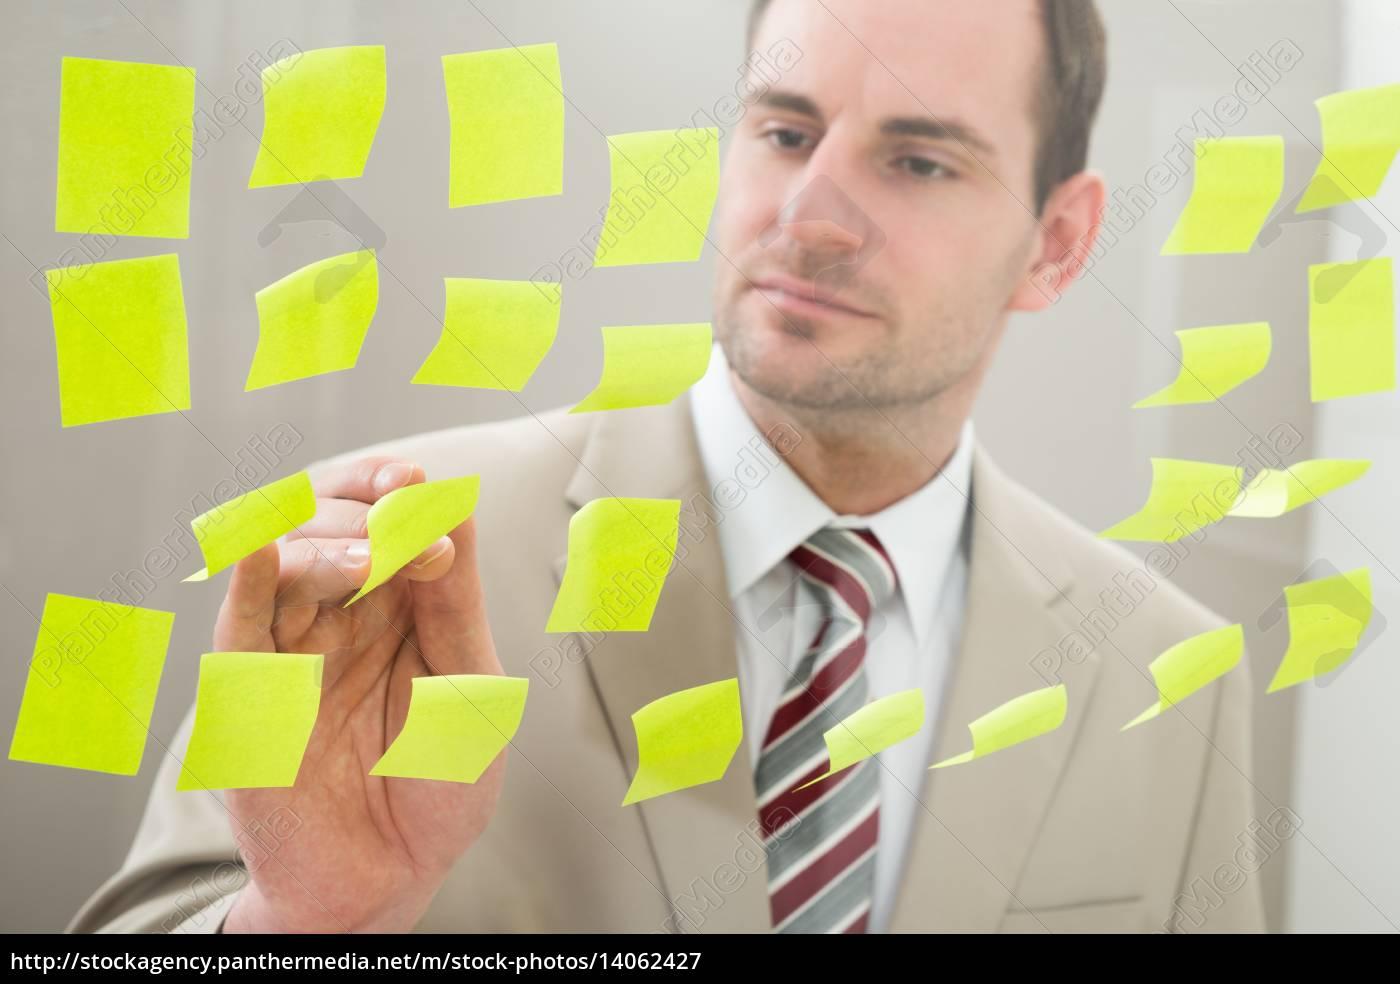 businessman, looking, at, adhesive, notes - 14062427